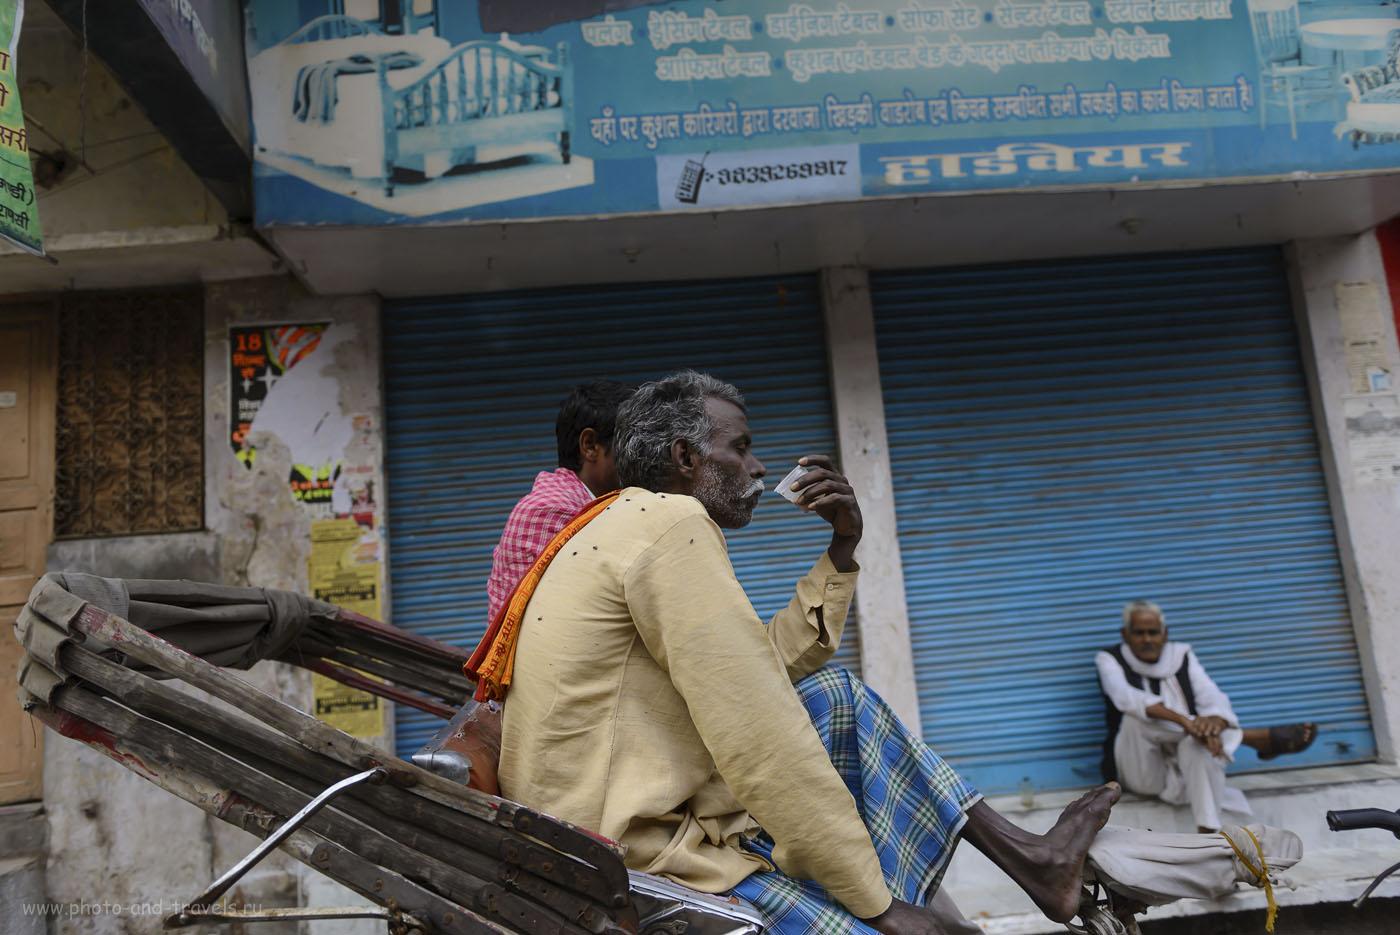 Фотография 7. Велорикша – тоже человек. Что может быть вкуснее, чем чашечка масала чая утром в компании друзей? Отзывы о поездке в Варанаси во время путешествия по Индии. 1/500, -0.33, 2.8, 250, 24.